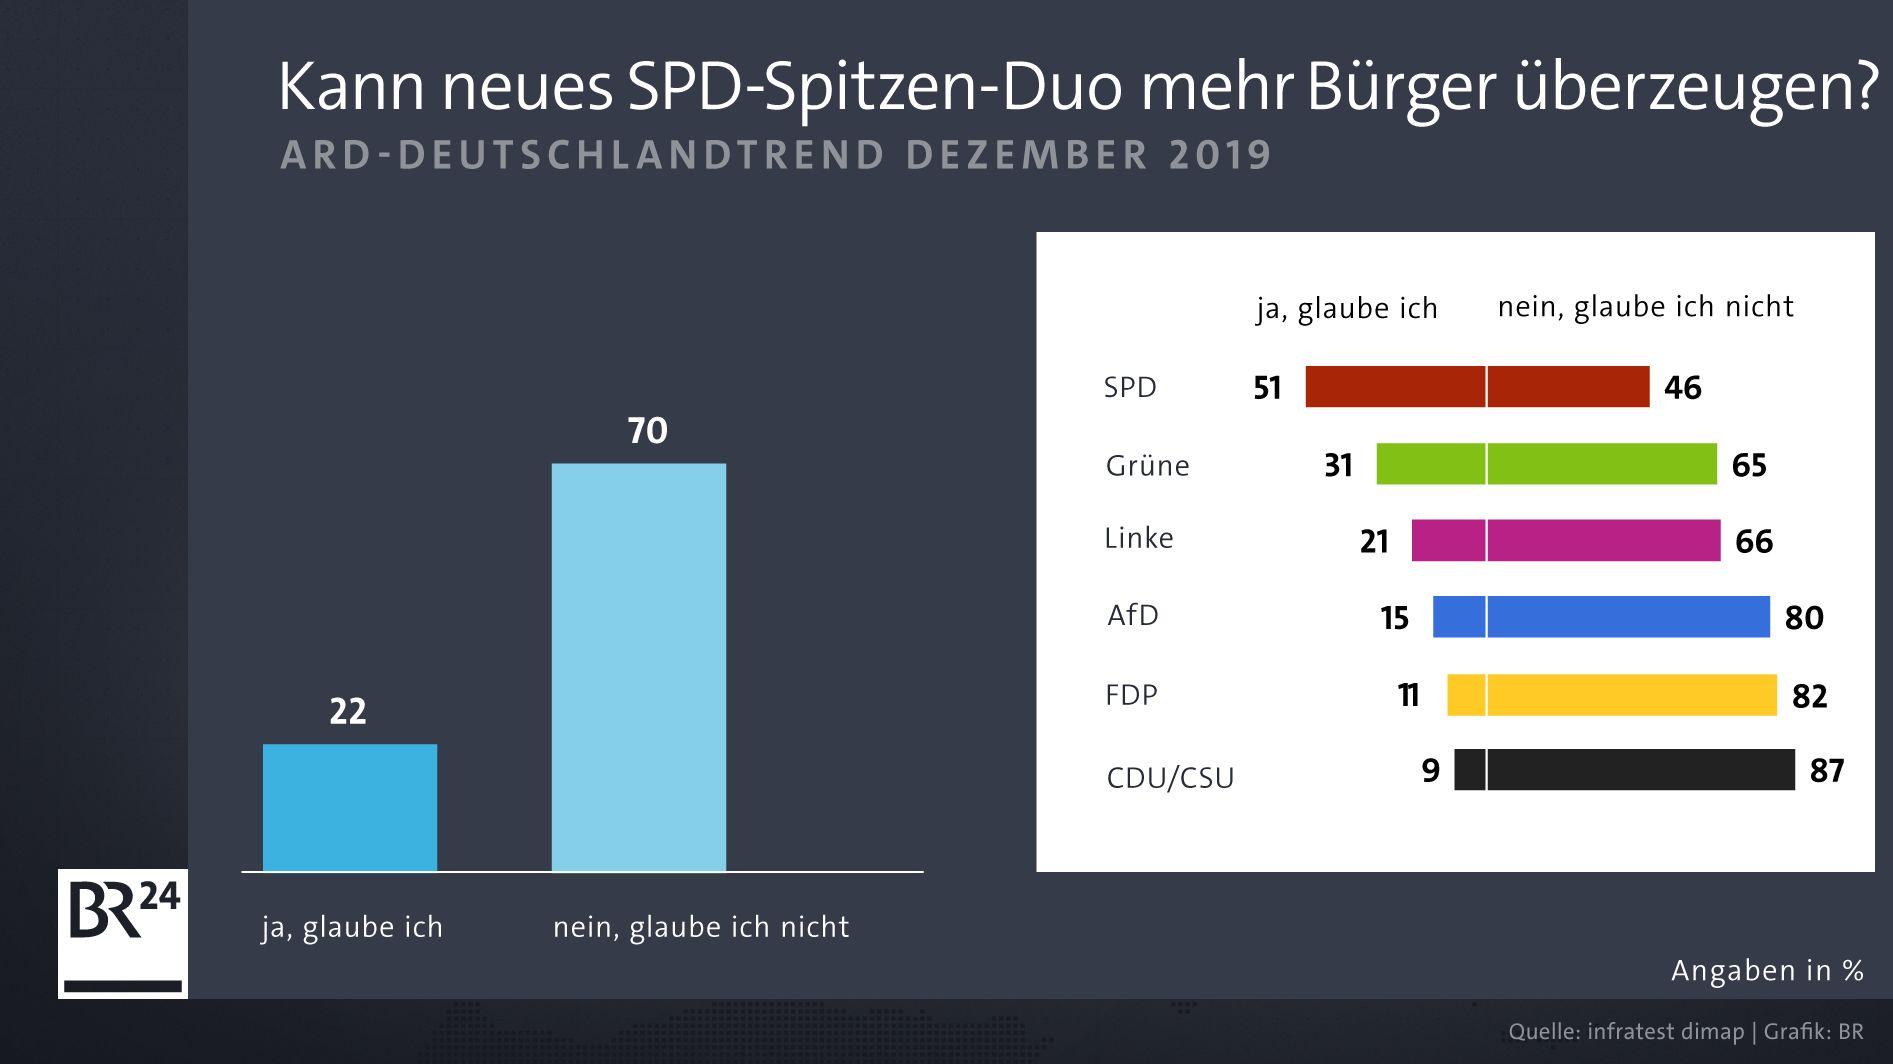 ARD-DeutschlandTrend: Kann neues SPD-Spitzen-Duo mehr Bürger überzeugen?